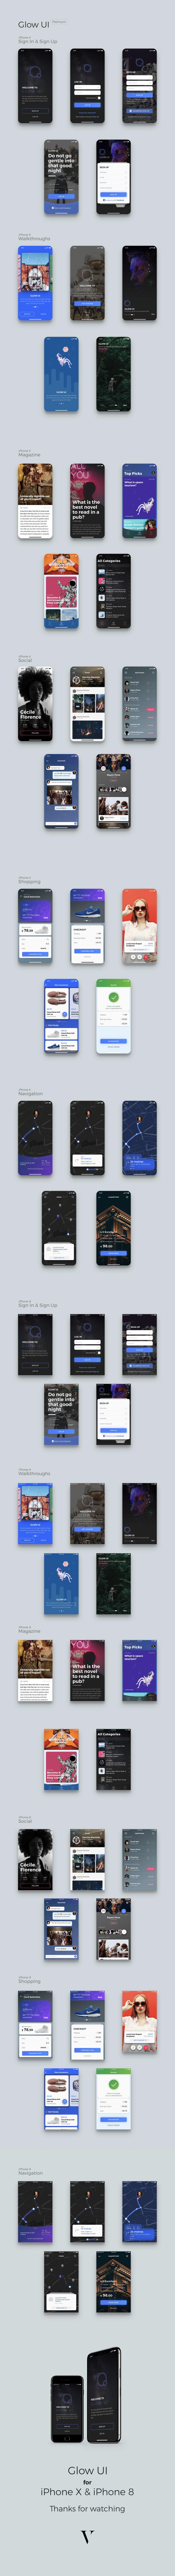 时尚酷炫多功能APP UI KITS下载[Sketch,iPhone 8,iPhone X]